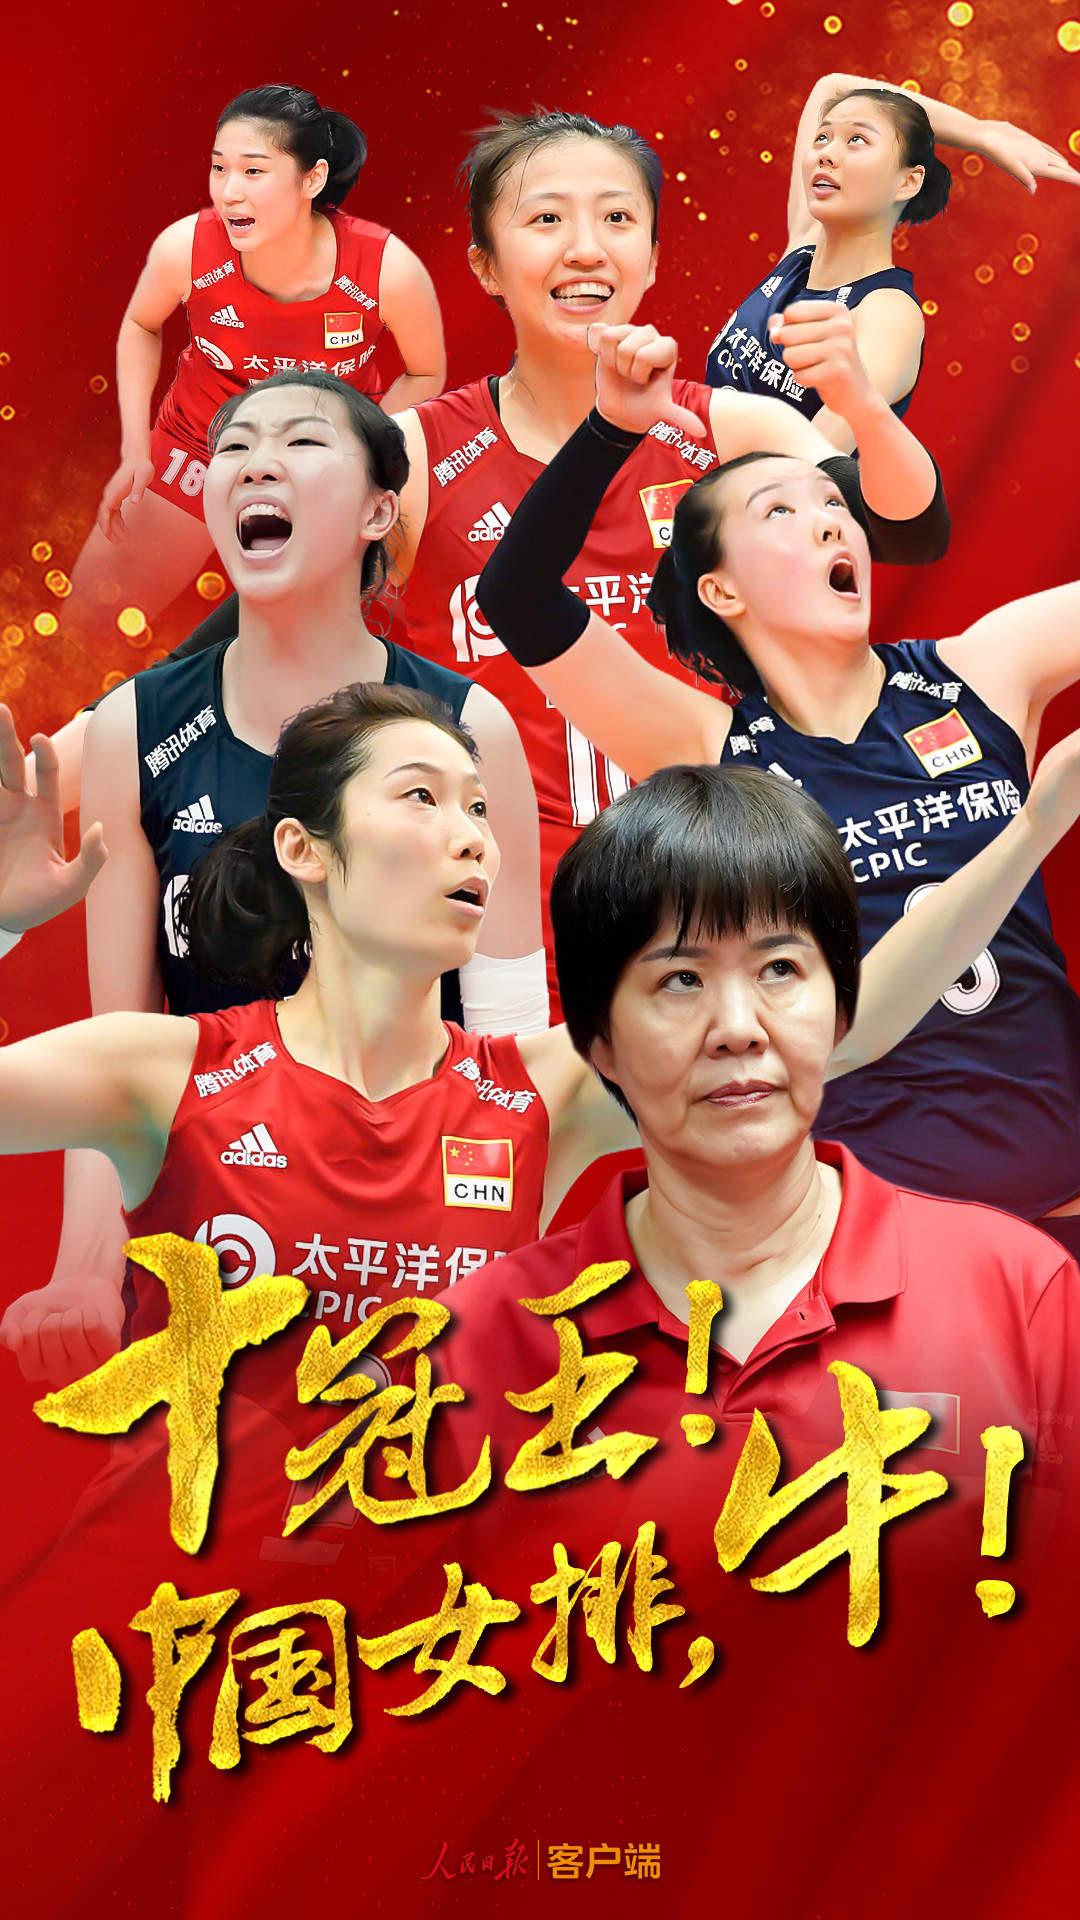 中國女排10連勝創歷史猴遼,中國女排衛冕世界杯冠軍郎平回應說了什麼